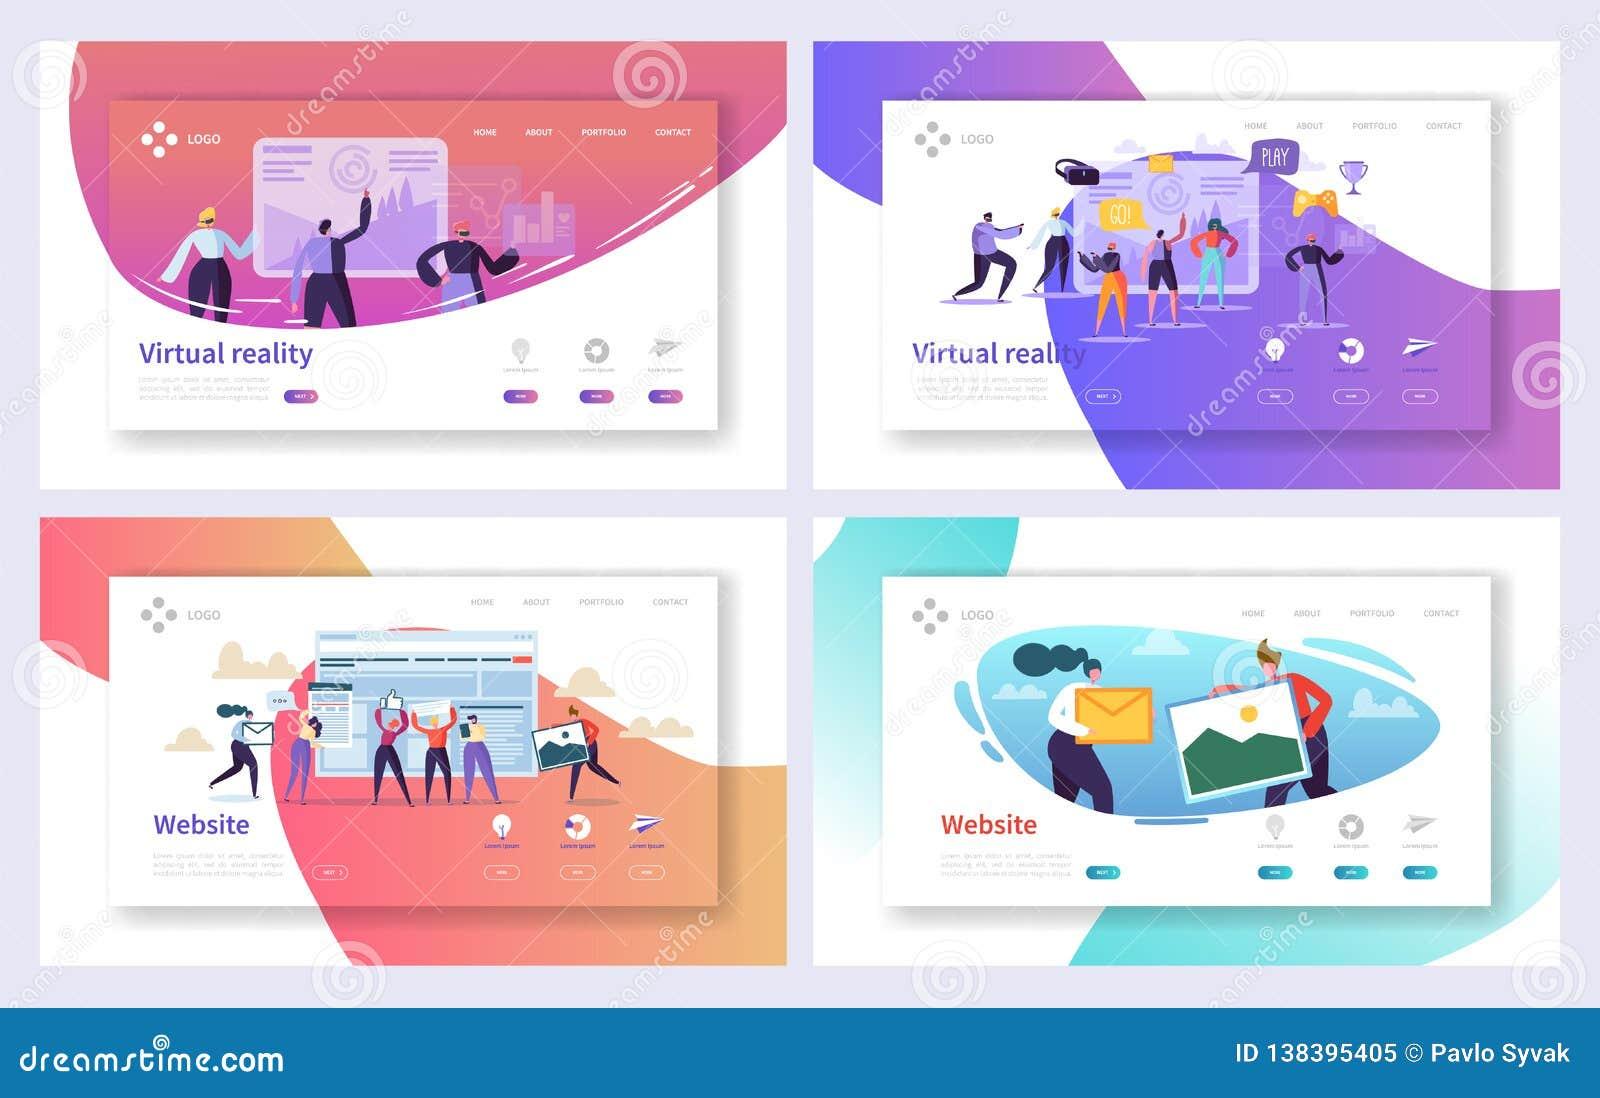 Virtuele het Landingspaginareeks van de Werkelijkheidstechnologie Vergroot Visueel Spel voor Toekomst Opgewekt Gebruikerskarakter